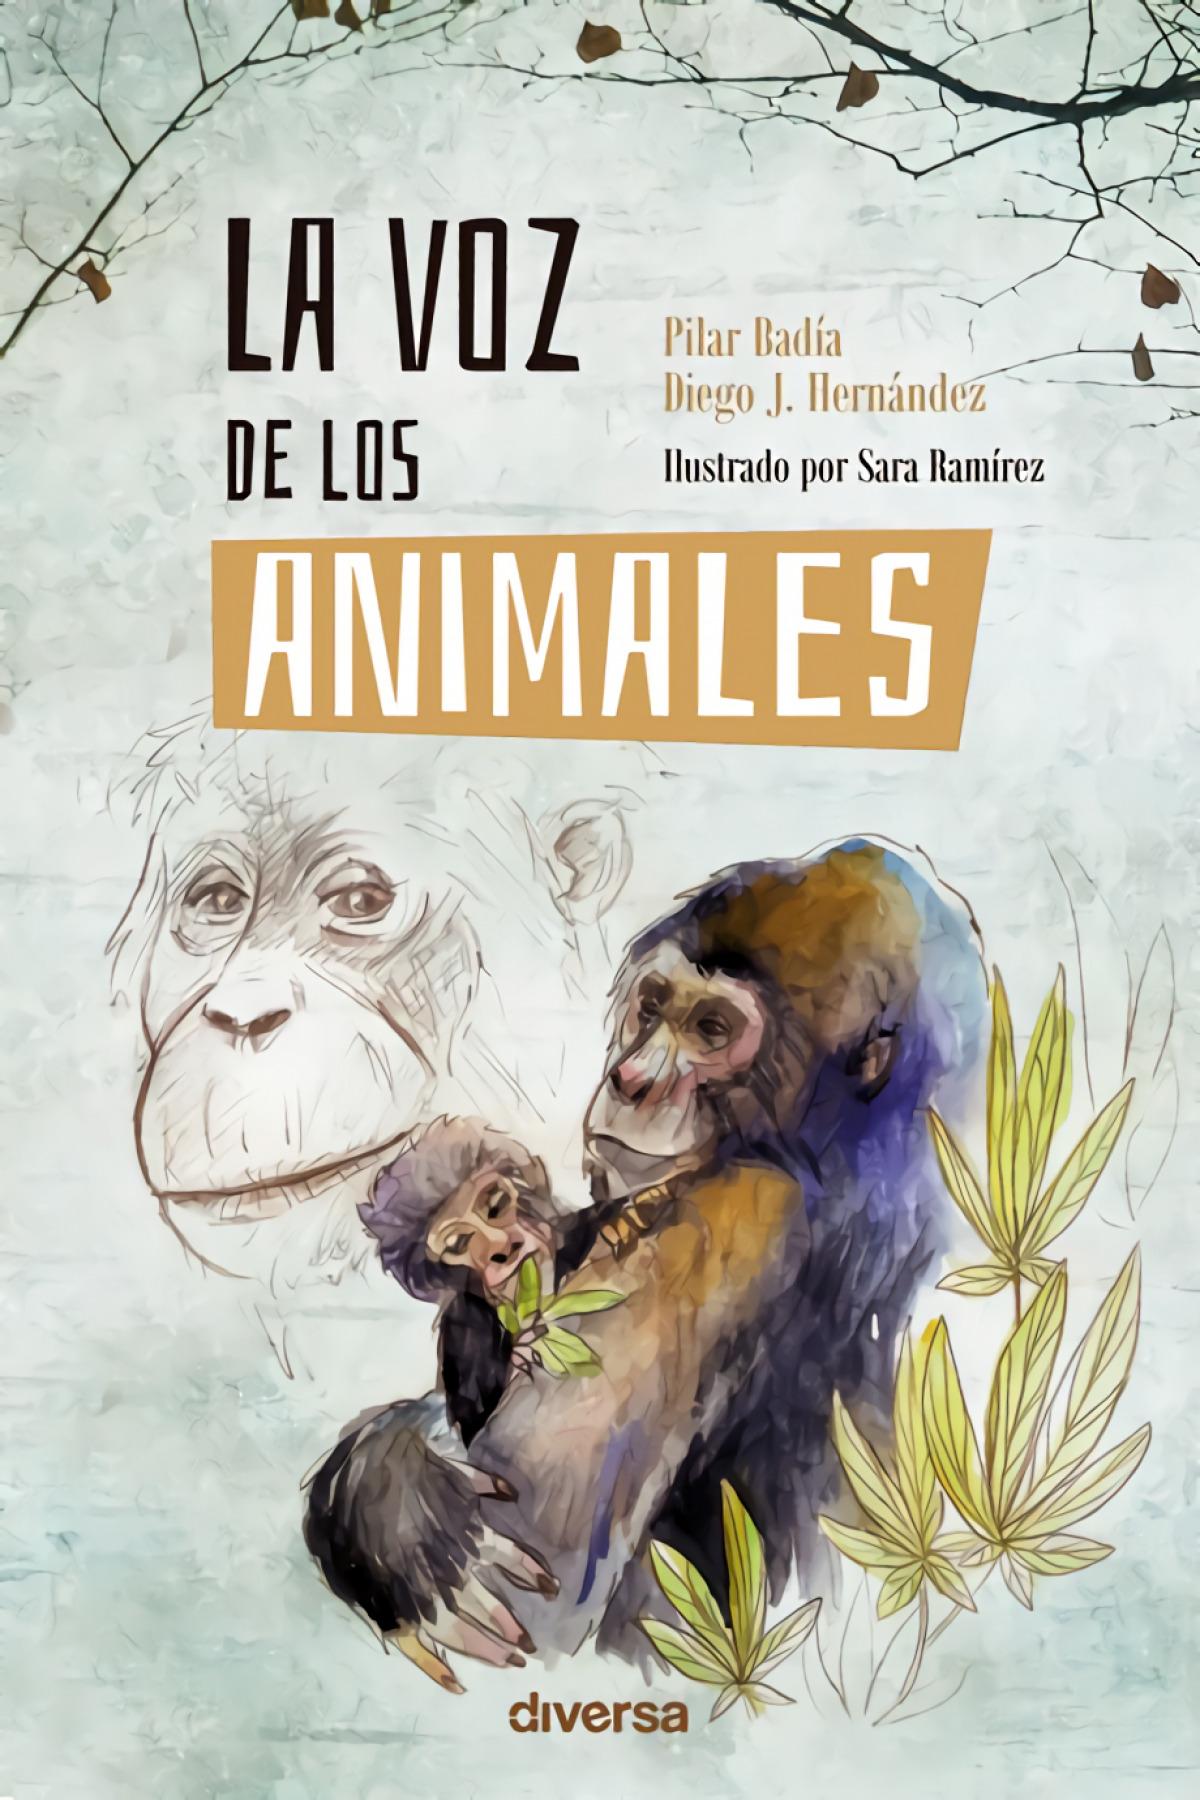 La voz de los animales